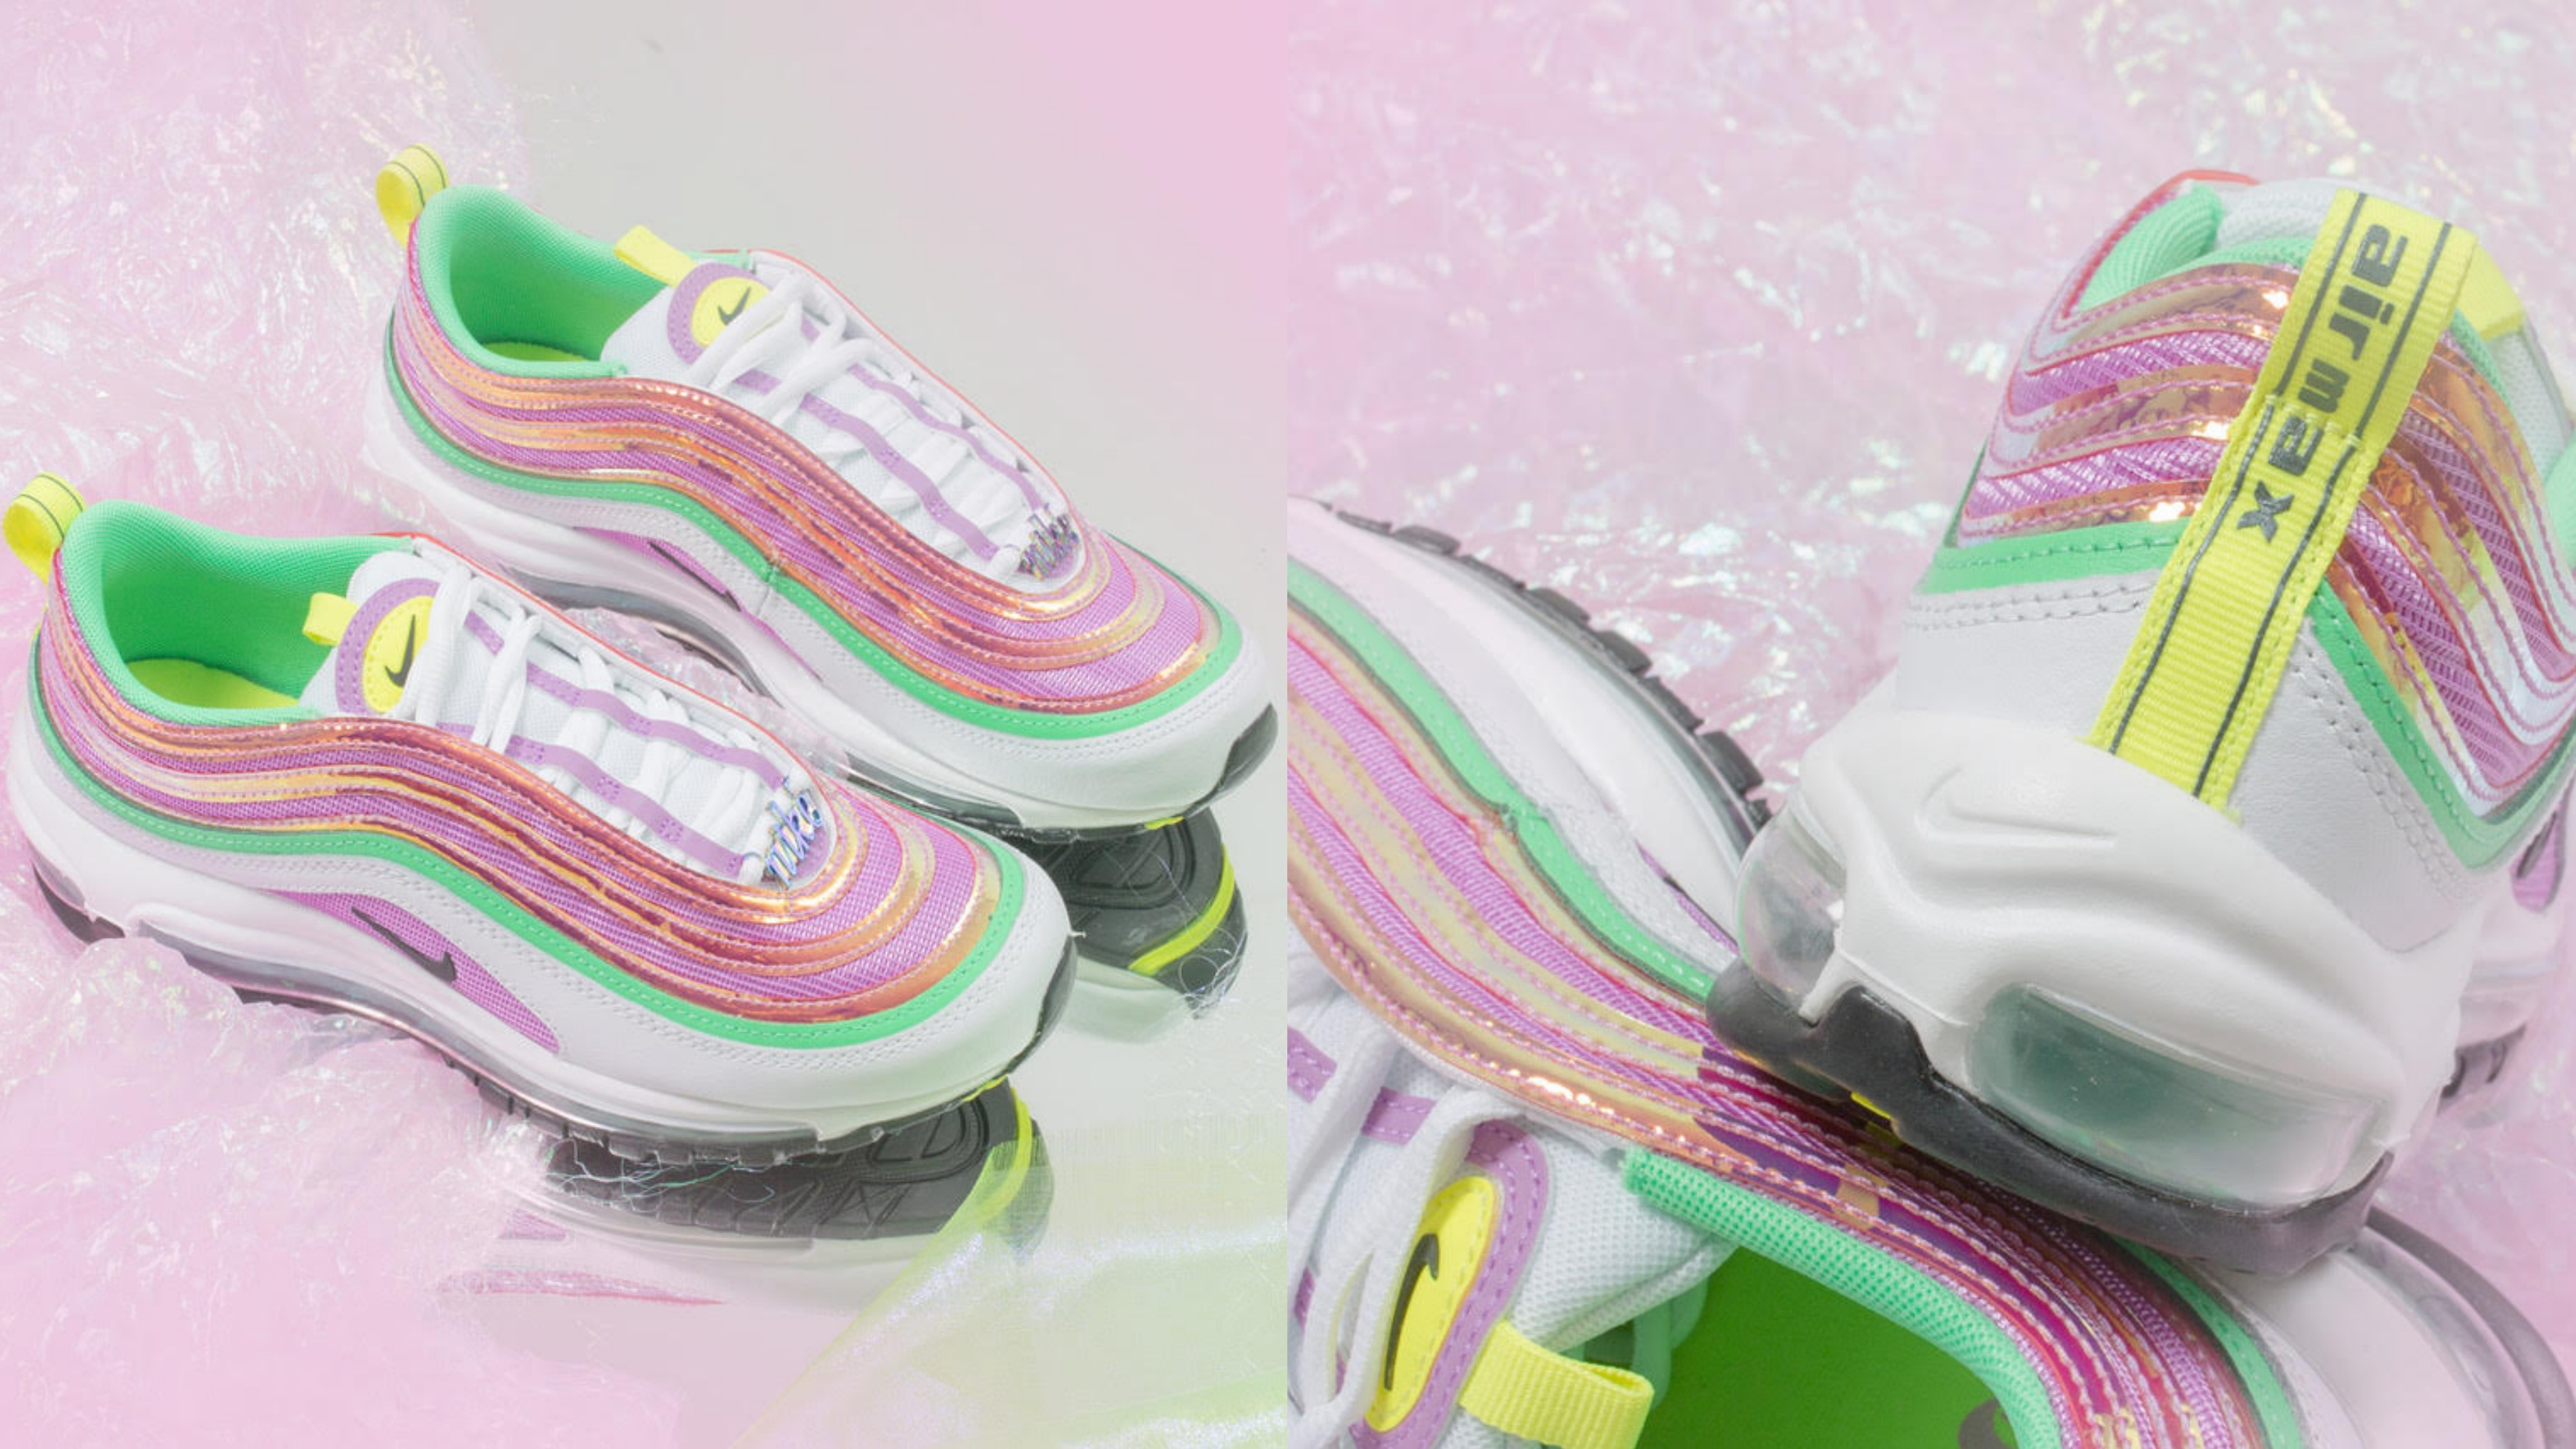 以嶄新糖果夢幻配色及物料,重塑原版設計,將層層猶如美人魚般夢幻色彩相互堆